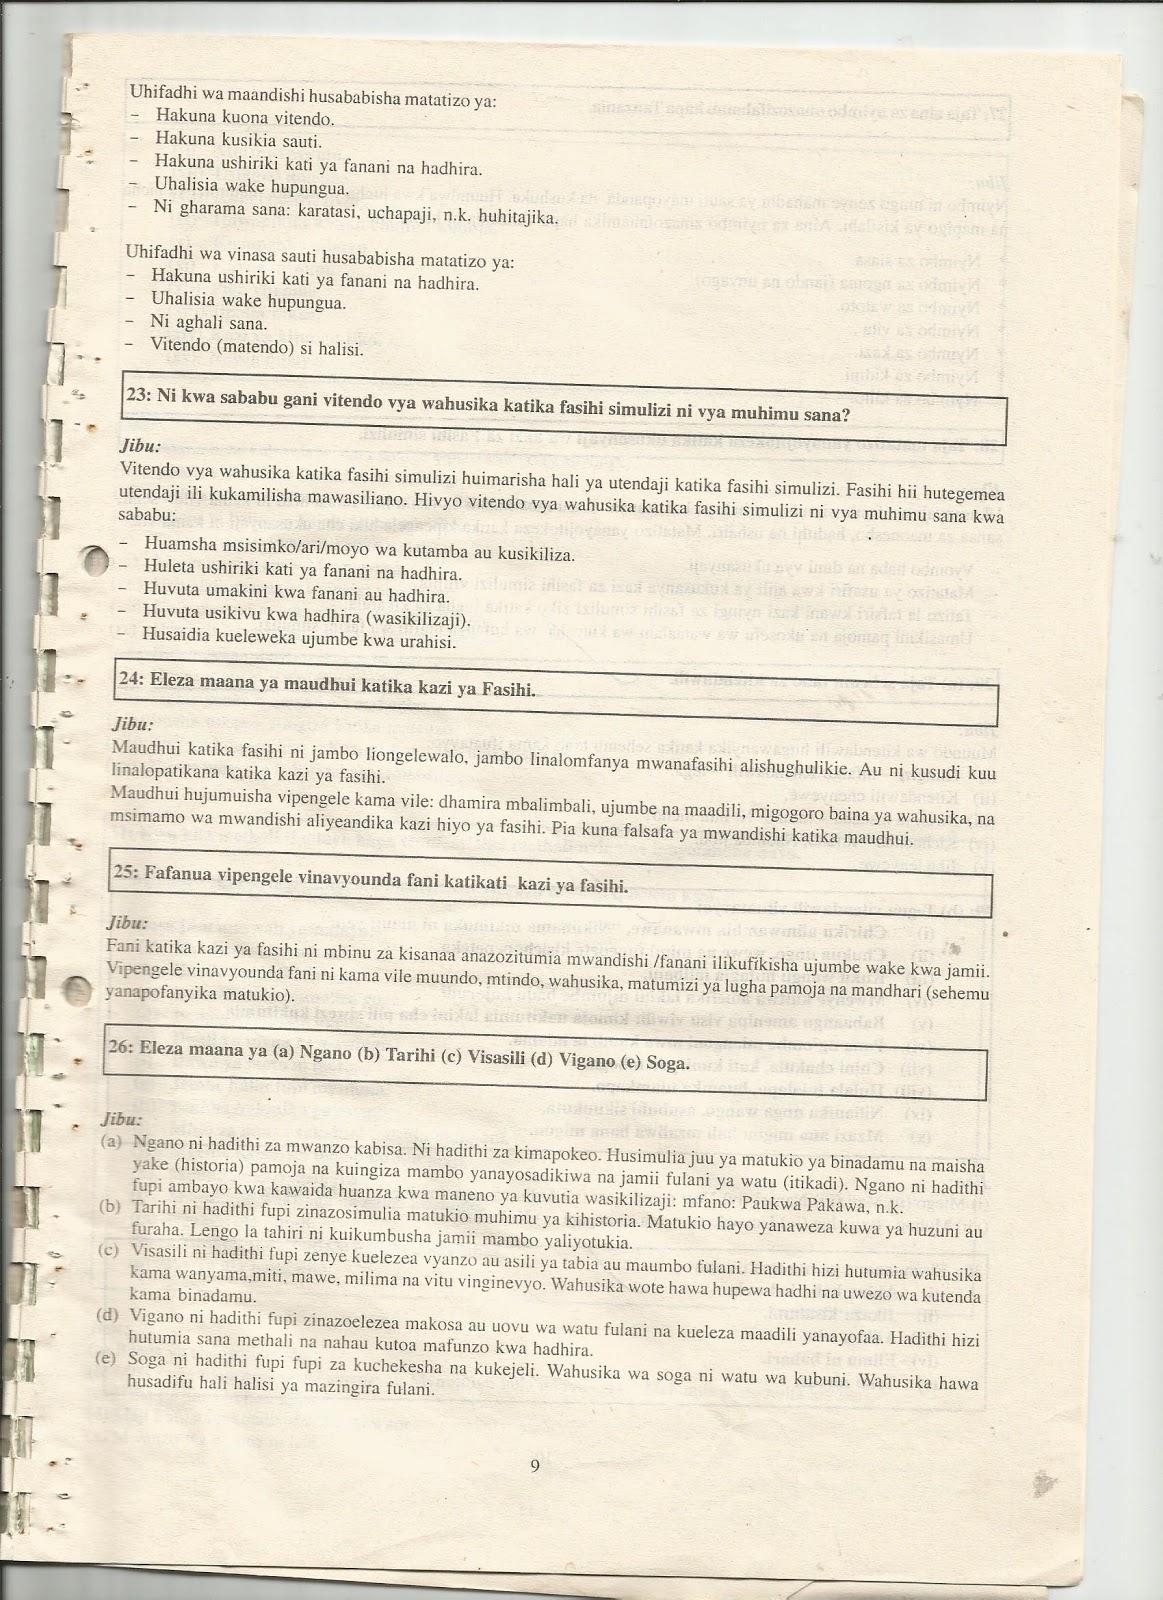 Fasihi simulizi ya kiswahili pdf995